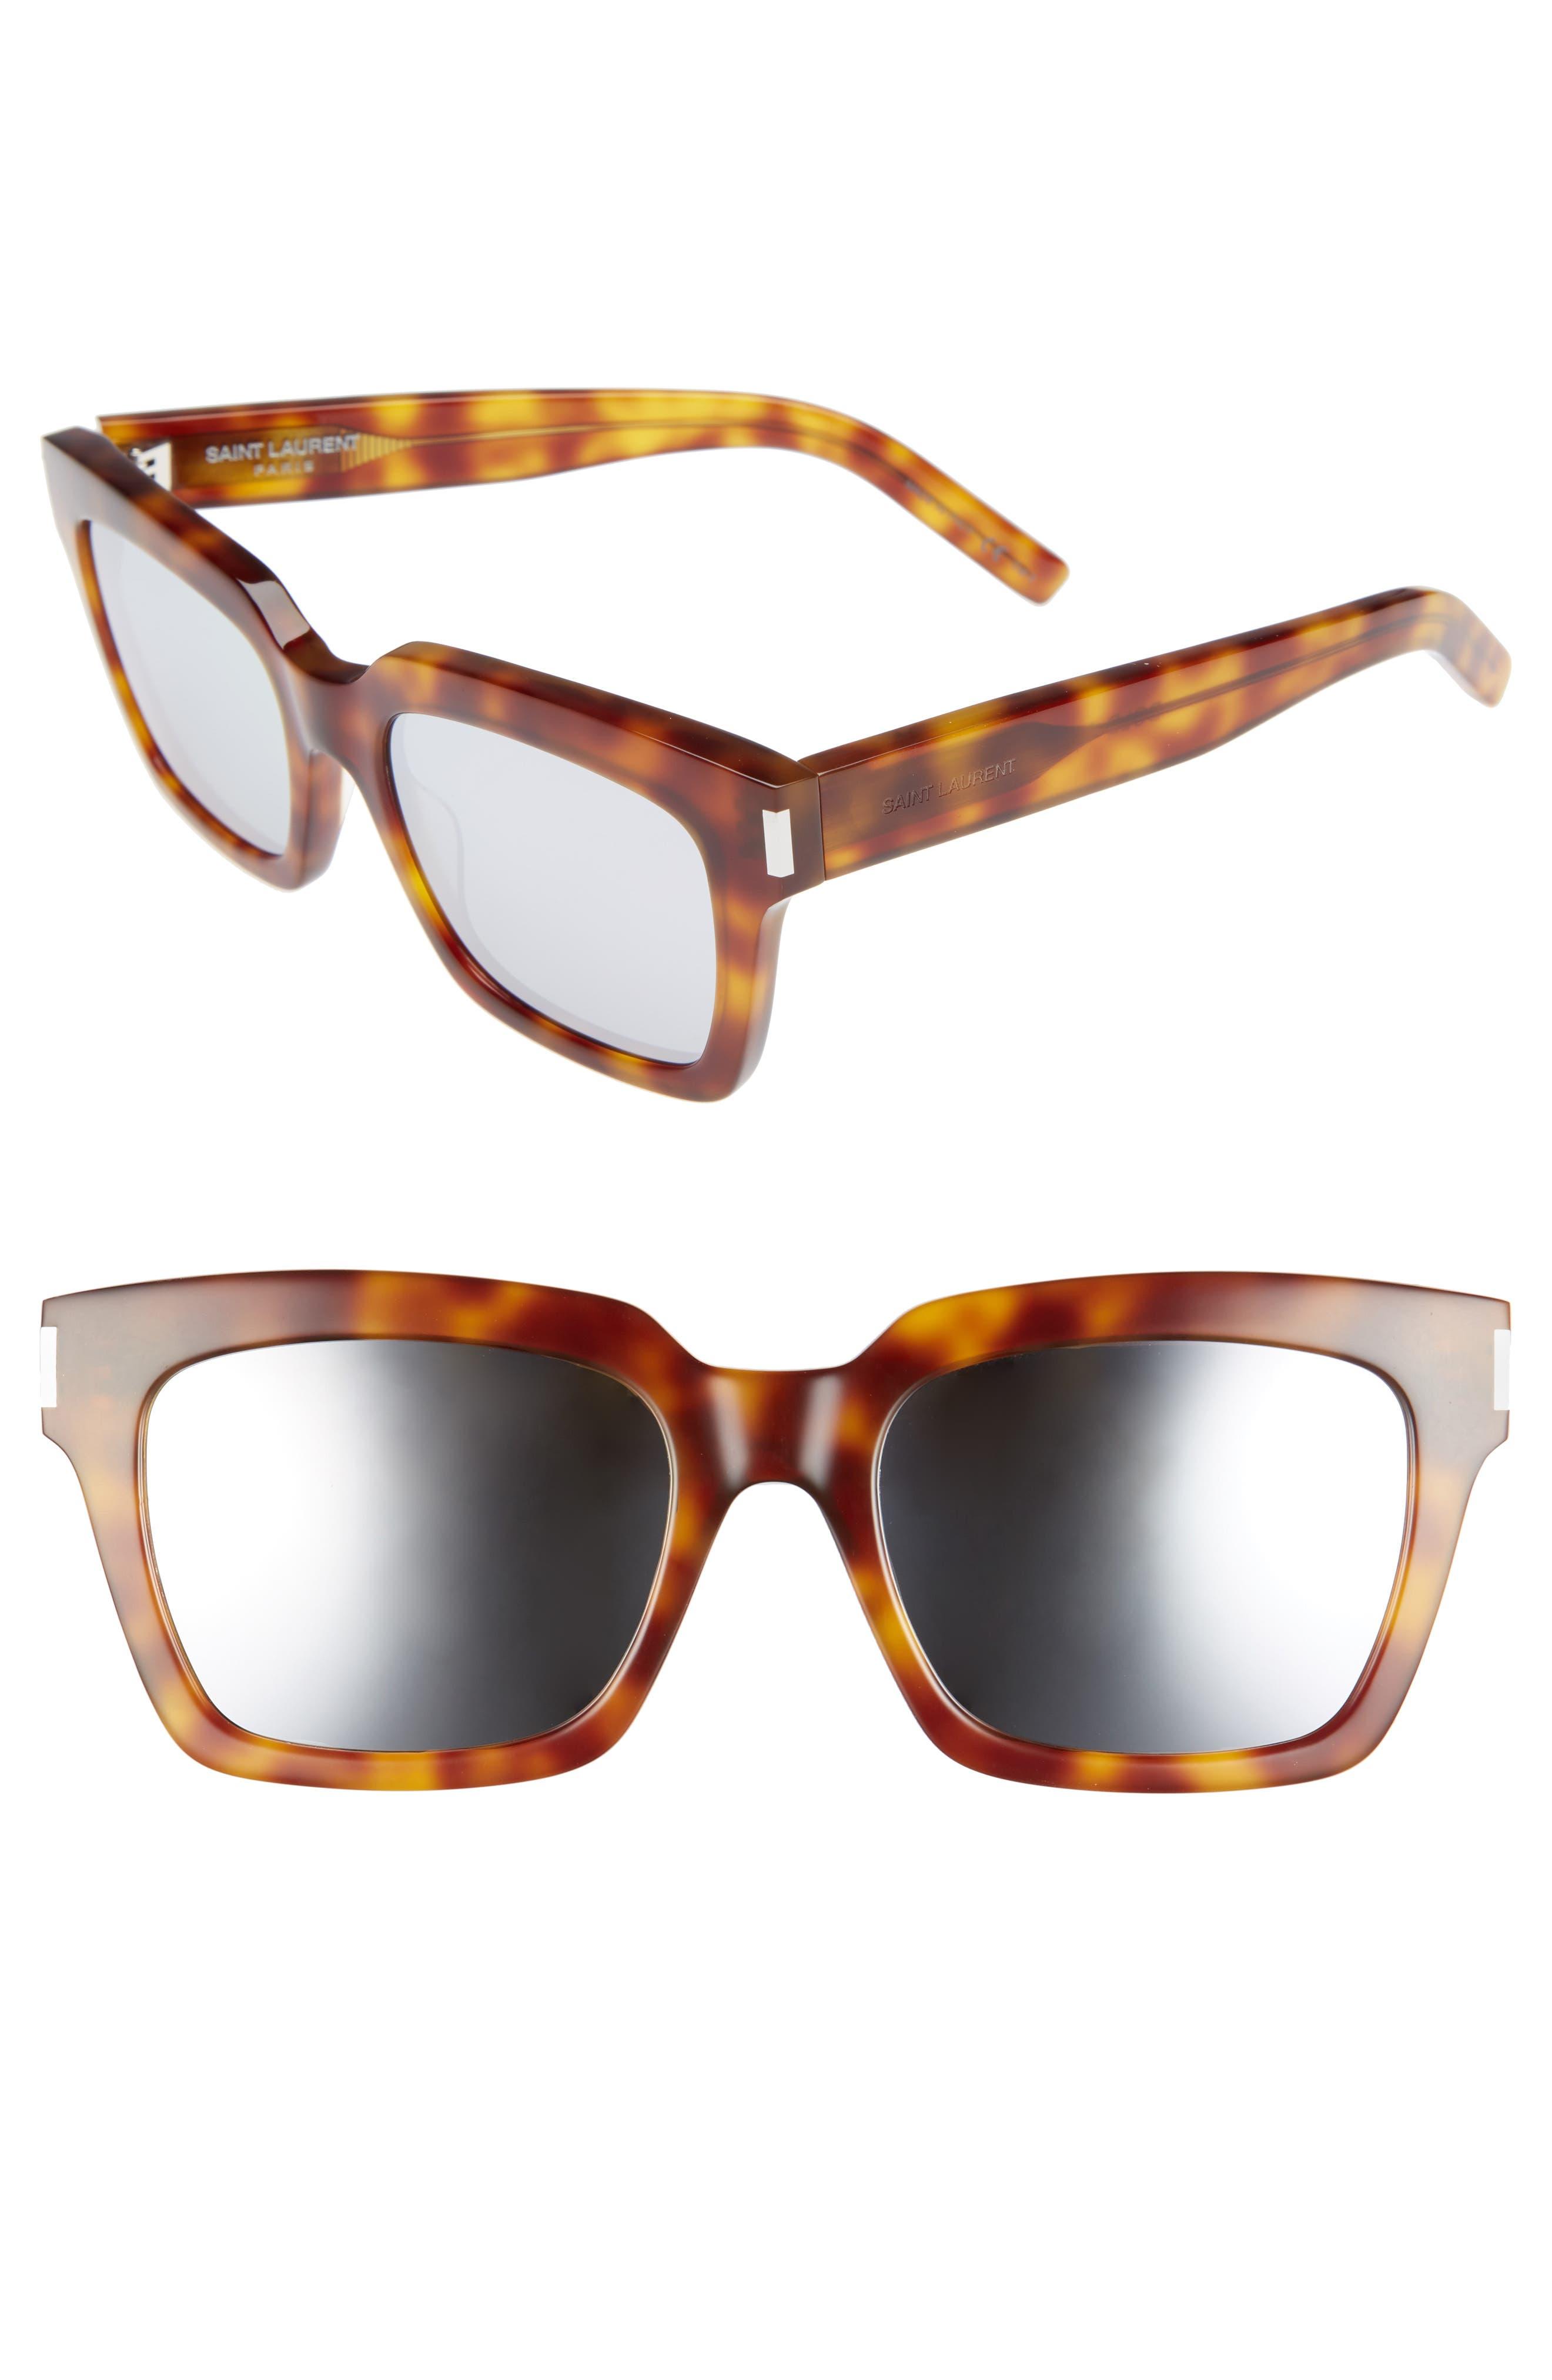 SAINT LAURENT Bold 54mm Sunglasses